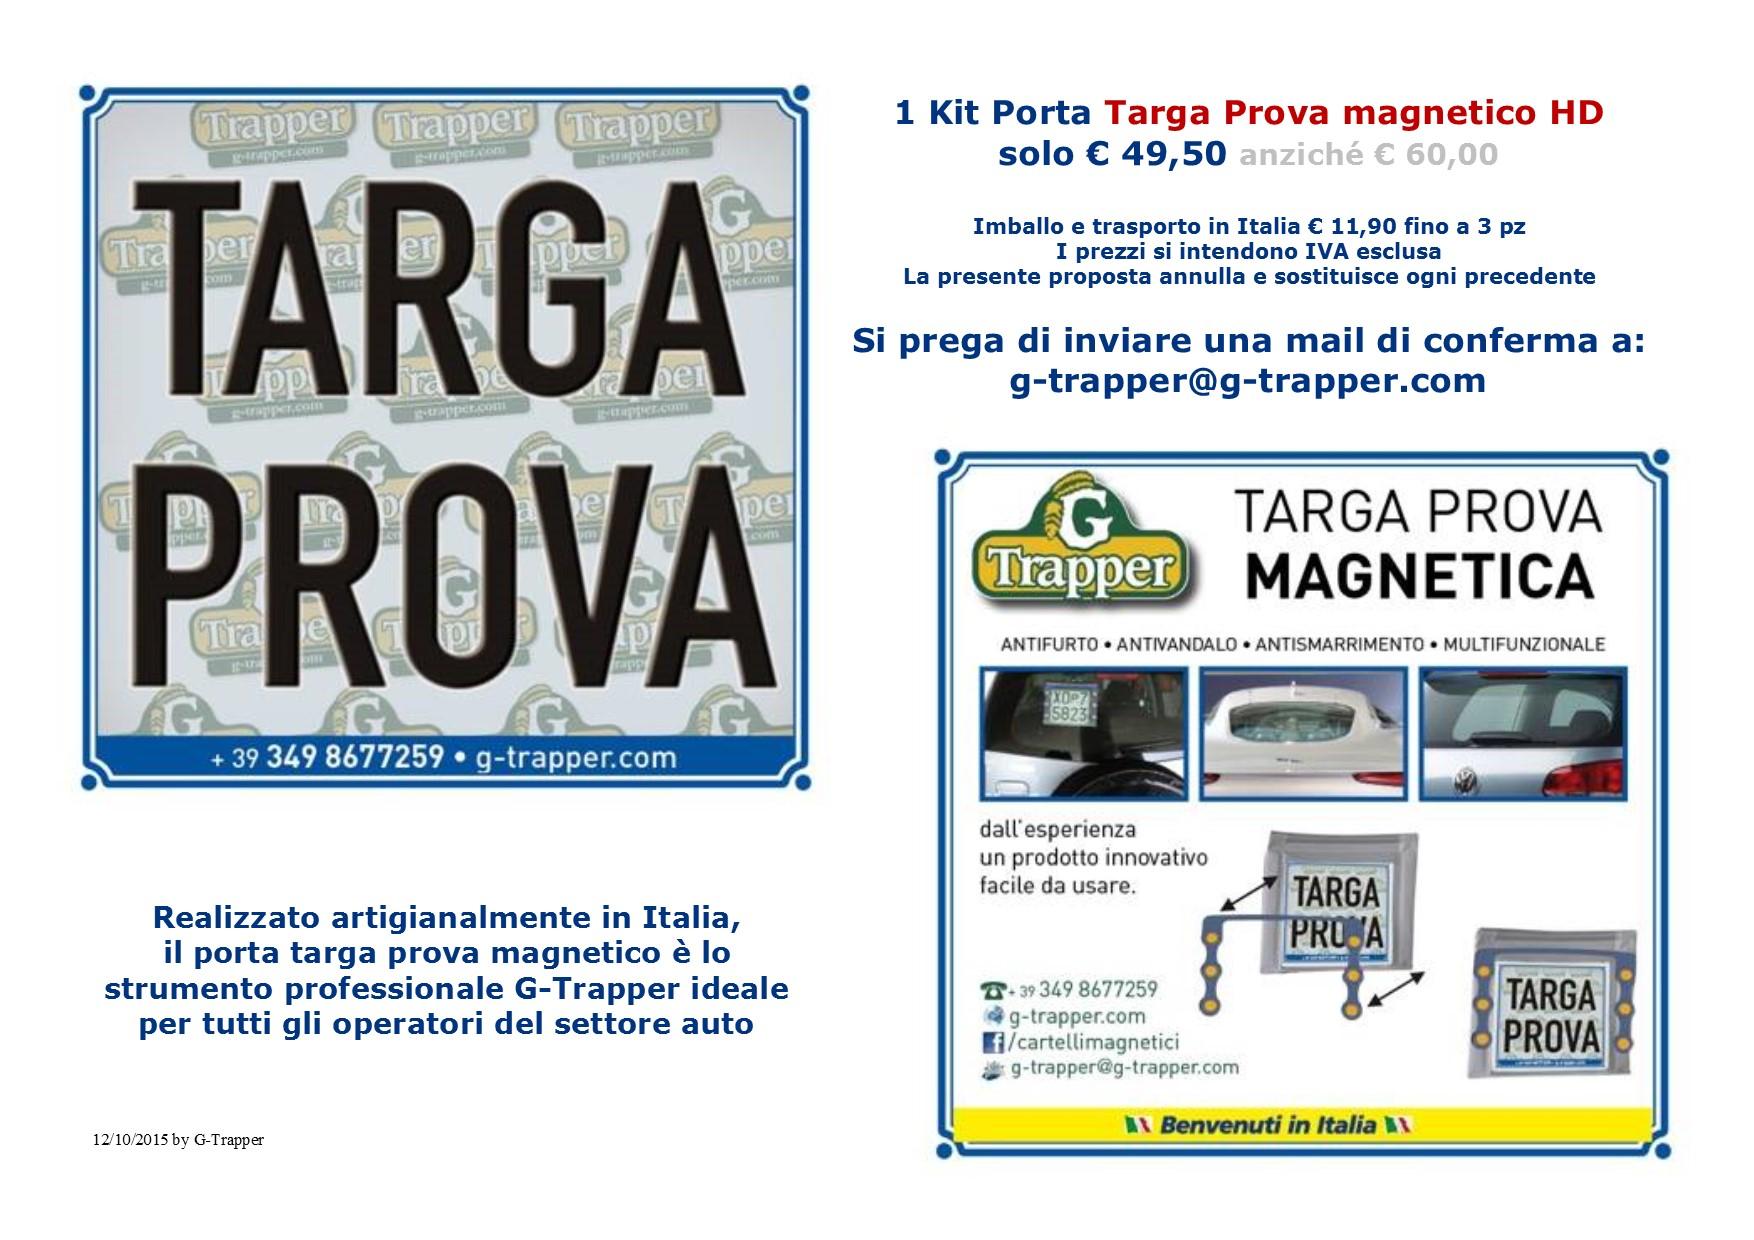 Nuovi porta targa prova a calamite G-Trapper per gli operatori del settore auto www.g-trapper.com